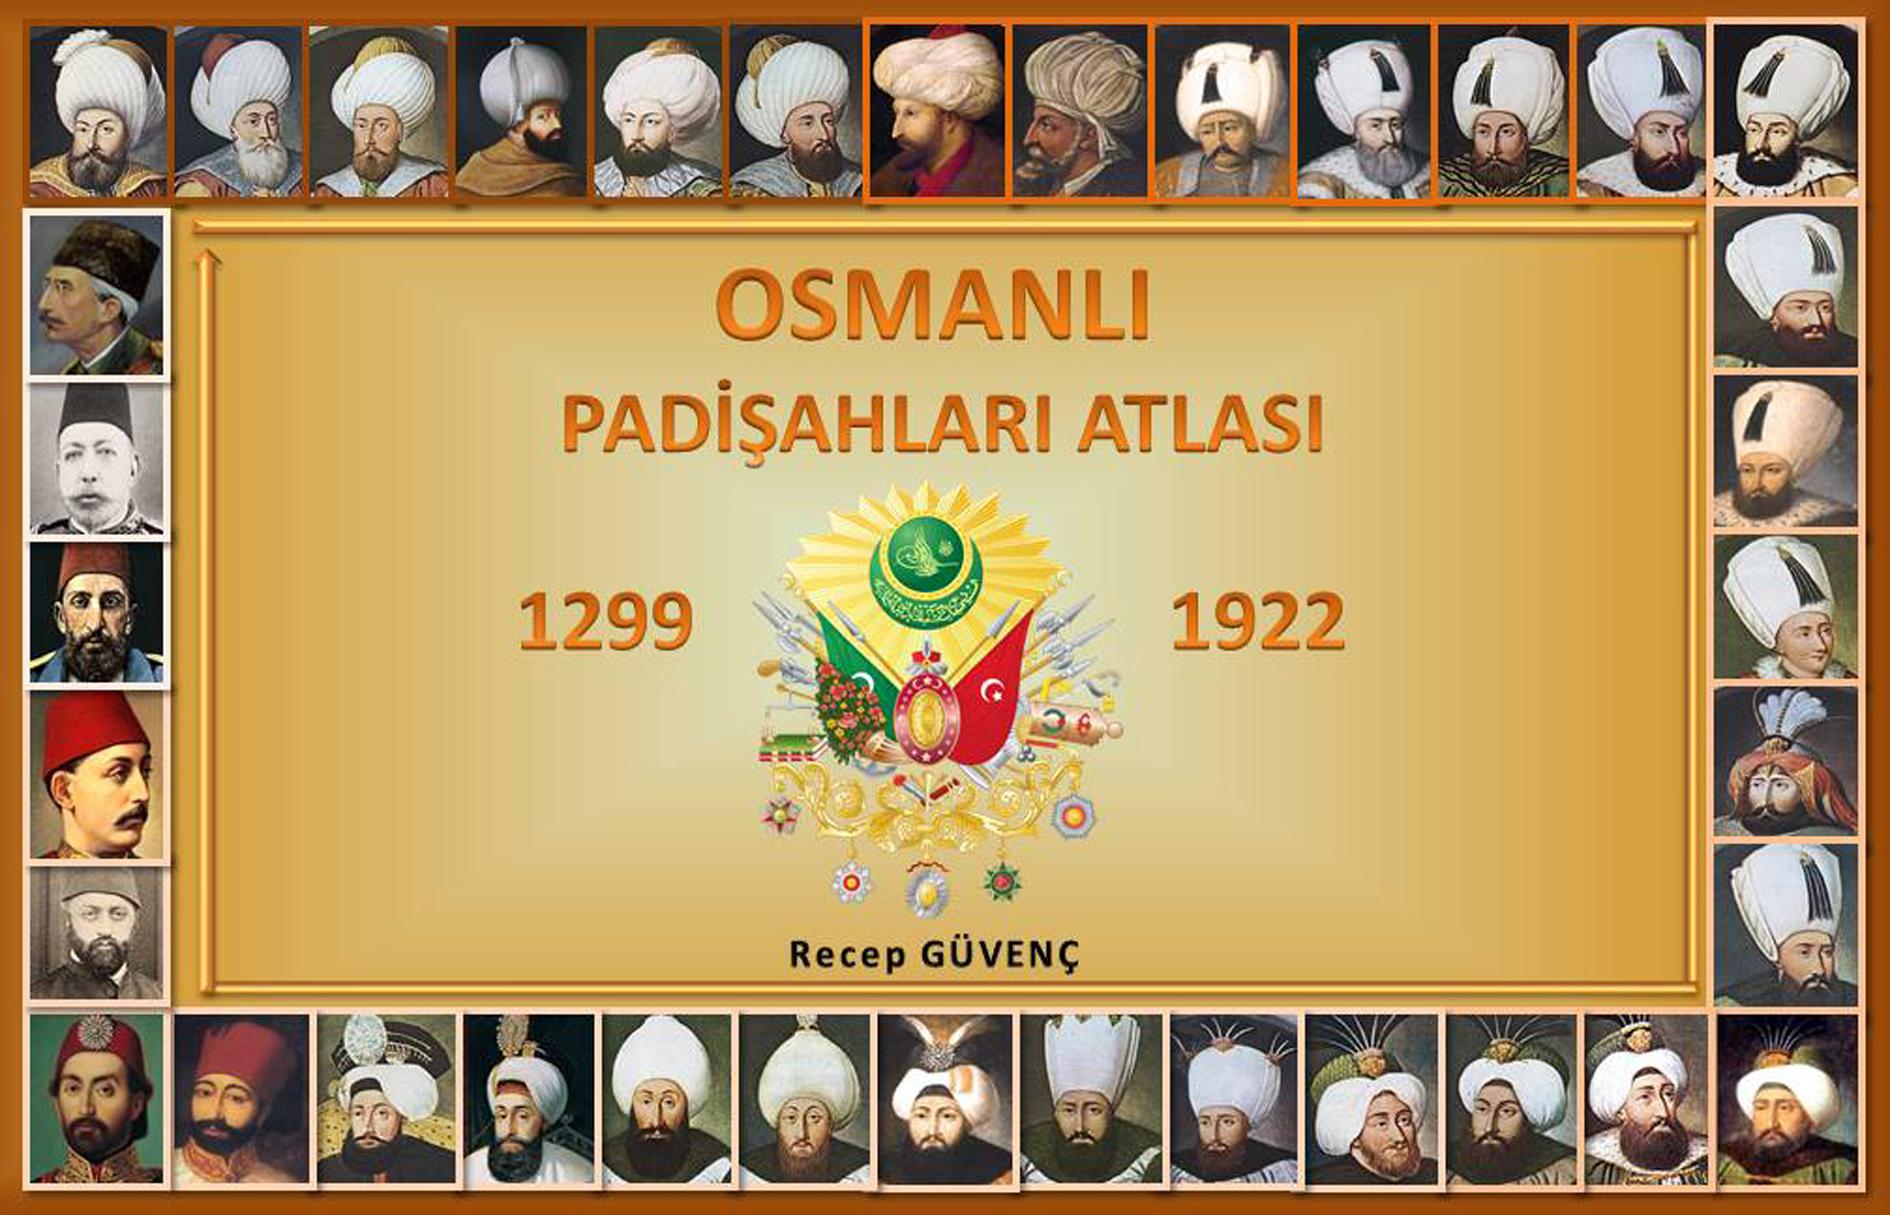 Osmanlı Padişah Eşleri Sayısı Listesi Toplu Osmanlı Hanedanı Padişahları Resimleri Sarayı Müzikleri Ottoman Empire